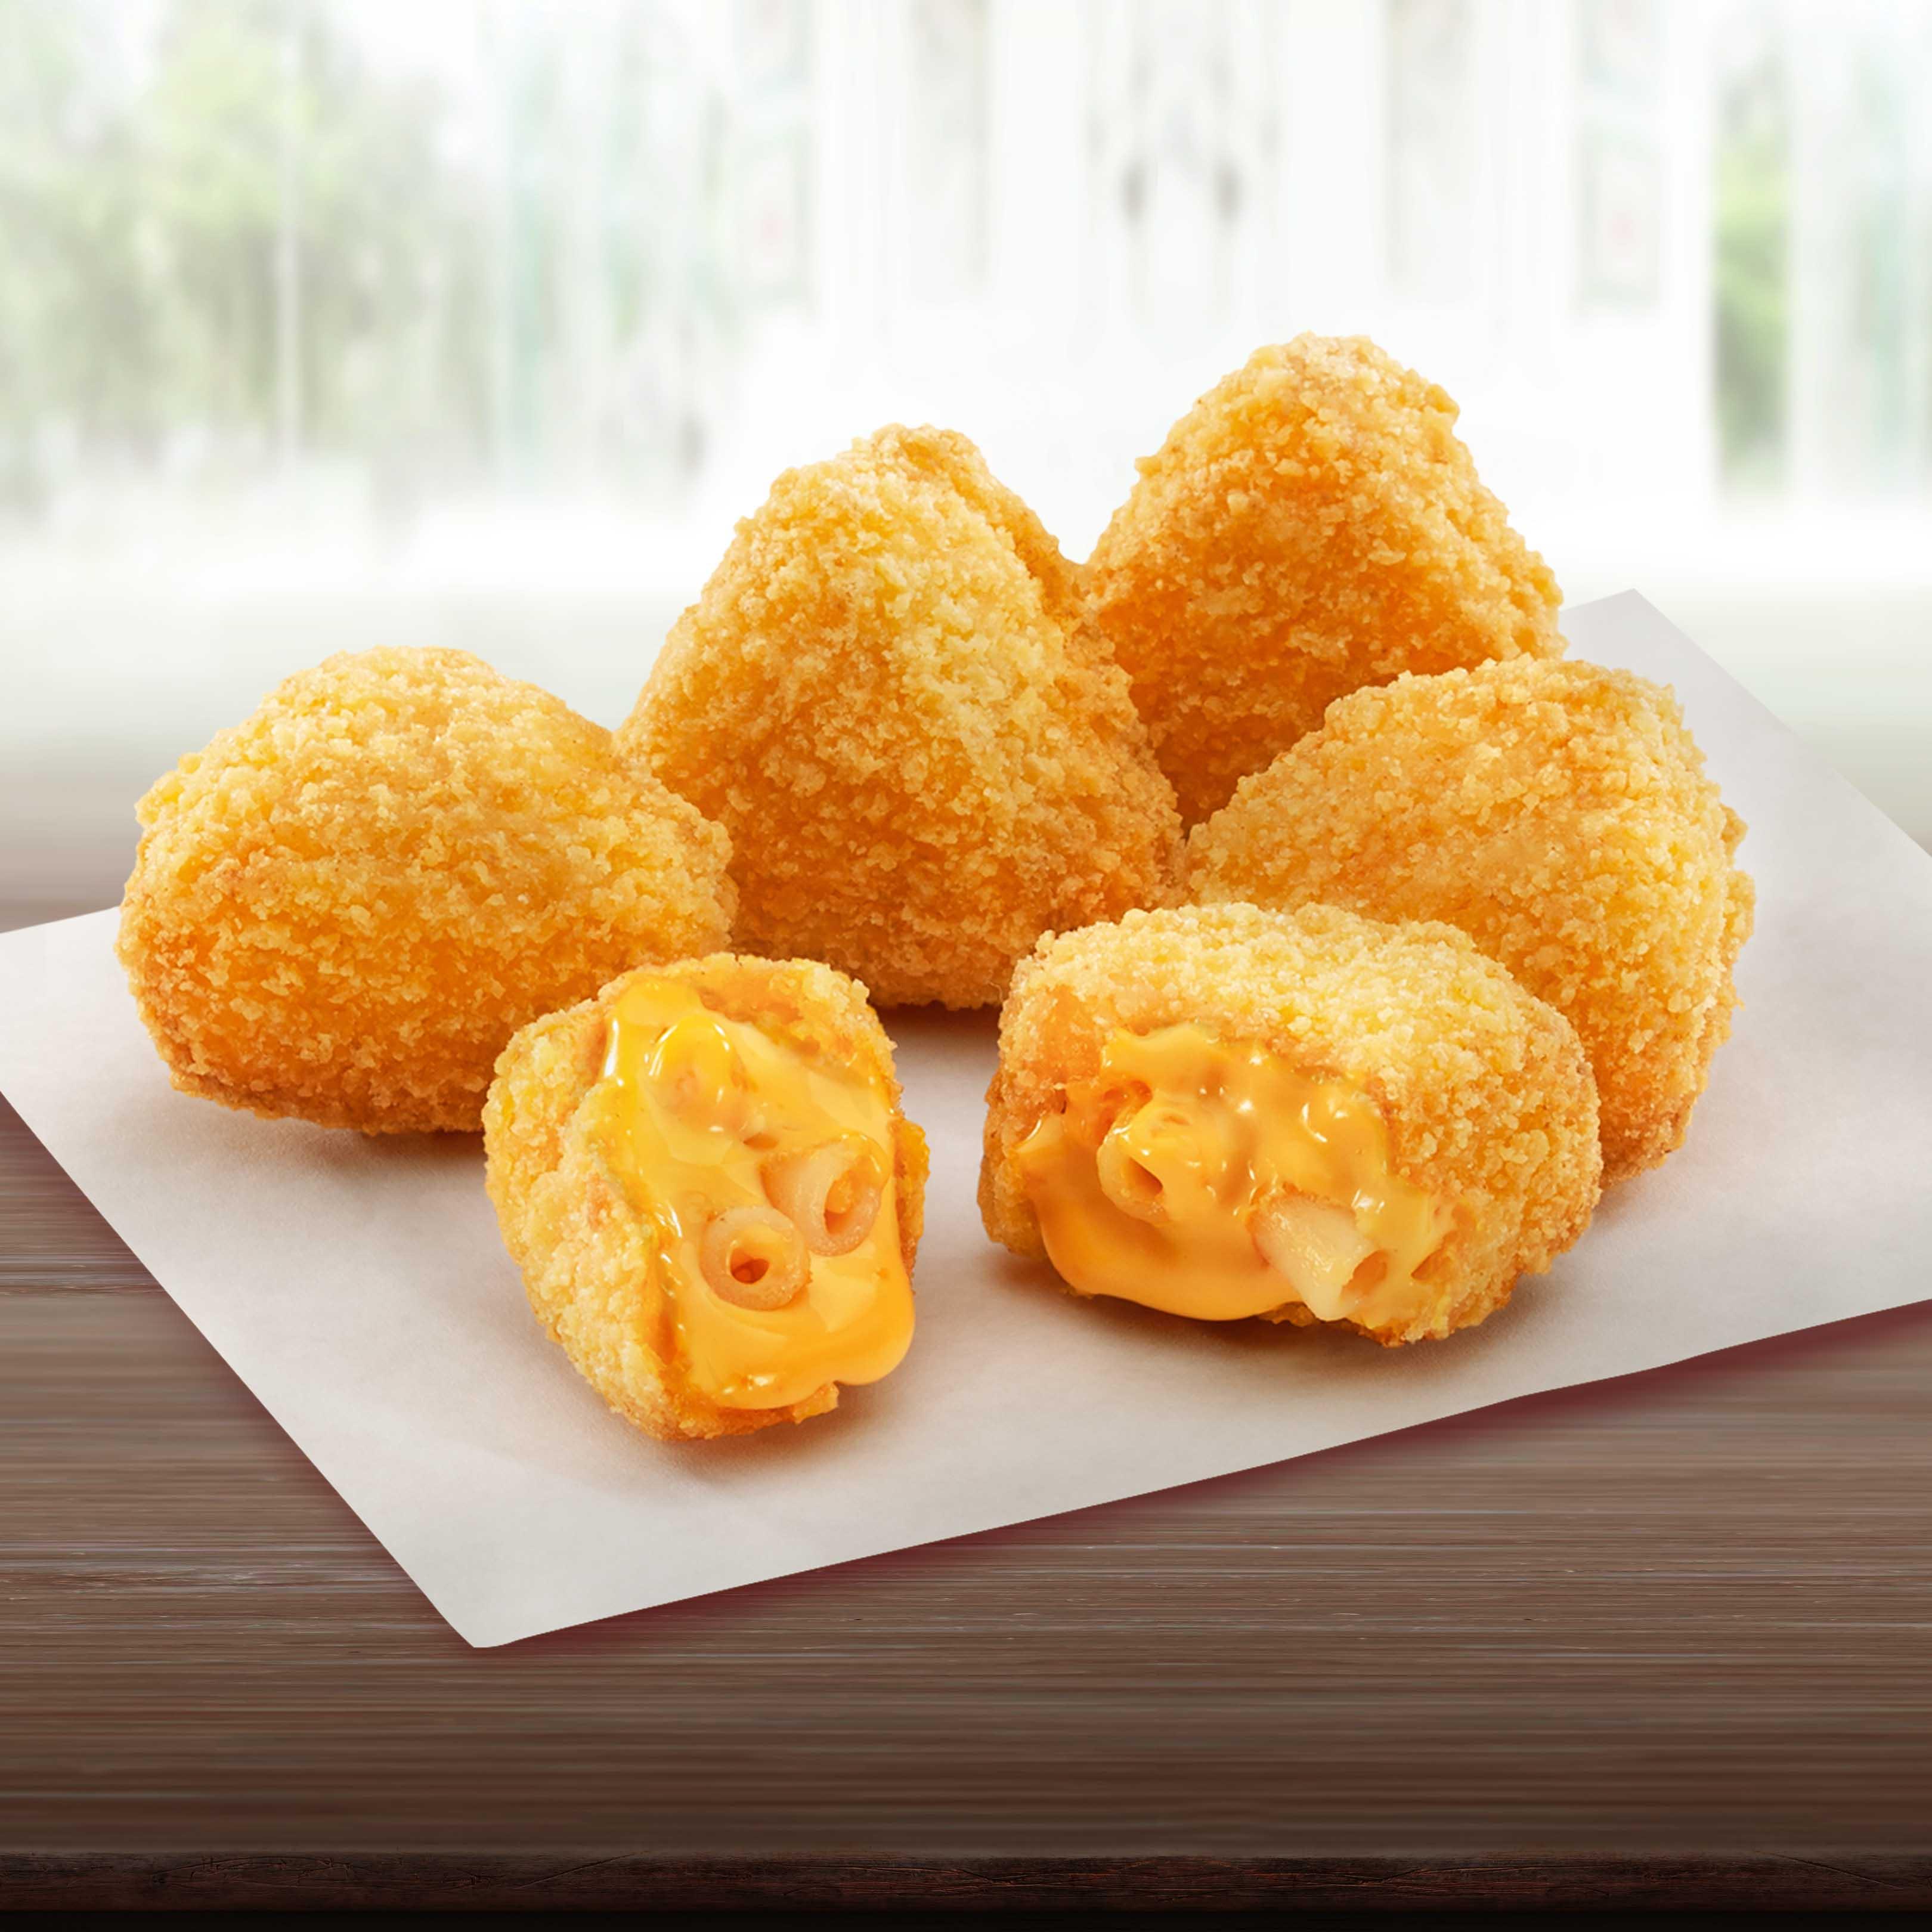 ماكدونالدز الإمارات تحتفل بالمذاق الرائع للجبنة لشهر كامل